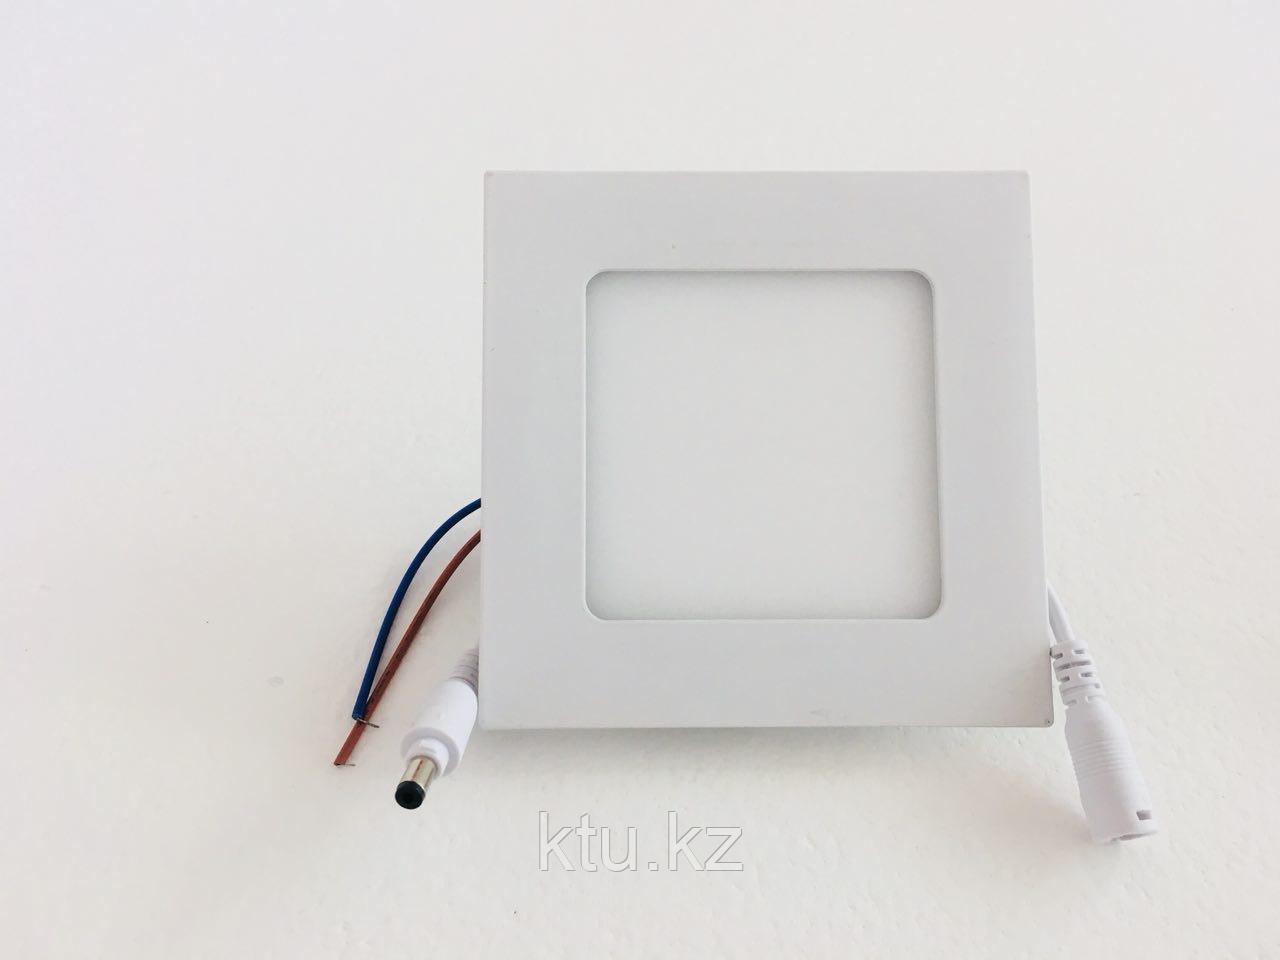 Светильники (споты) JL-Y 6W,внутренний 1год гарантия